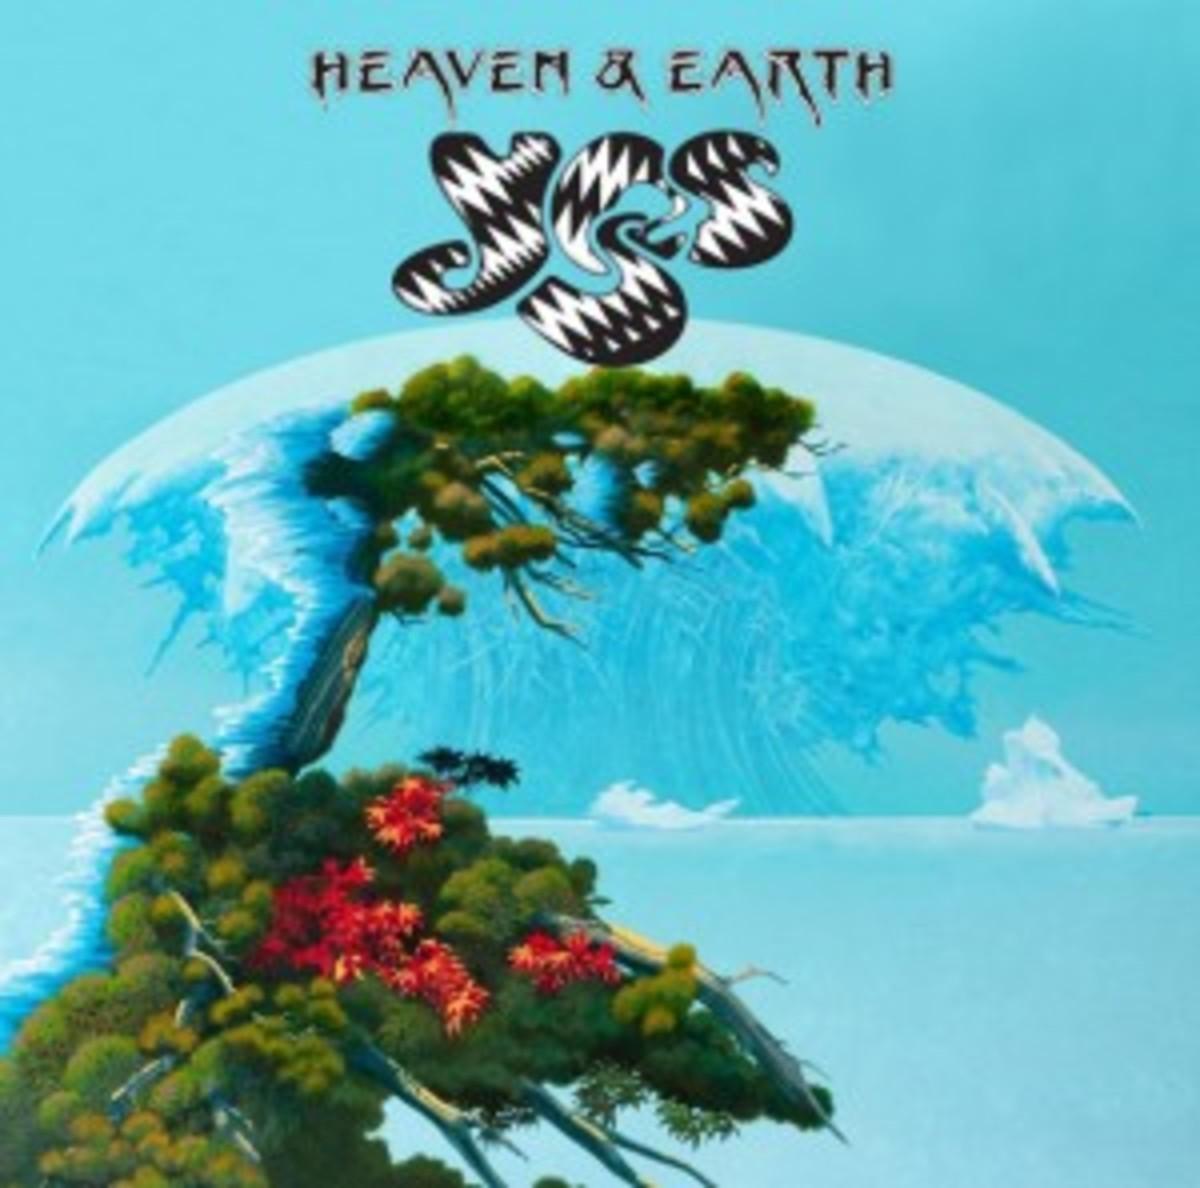 Yes Heaven & Earth album